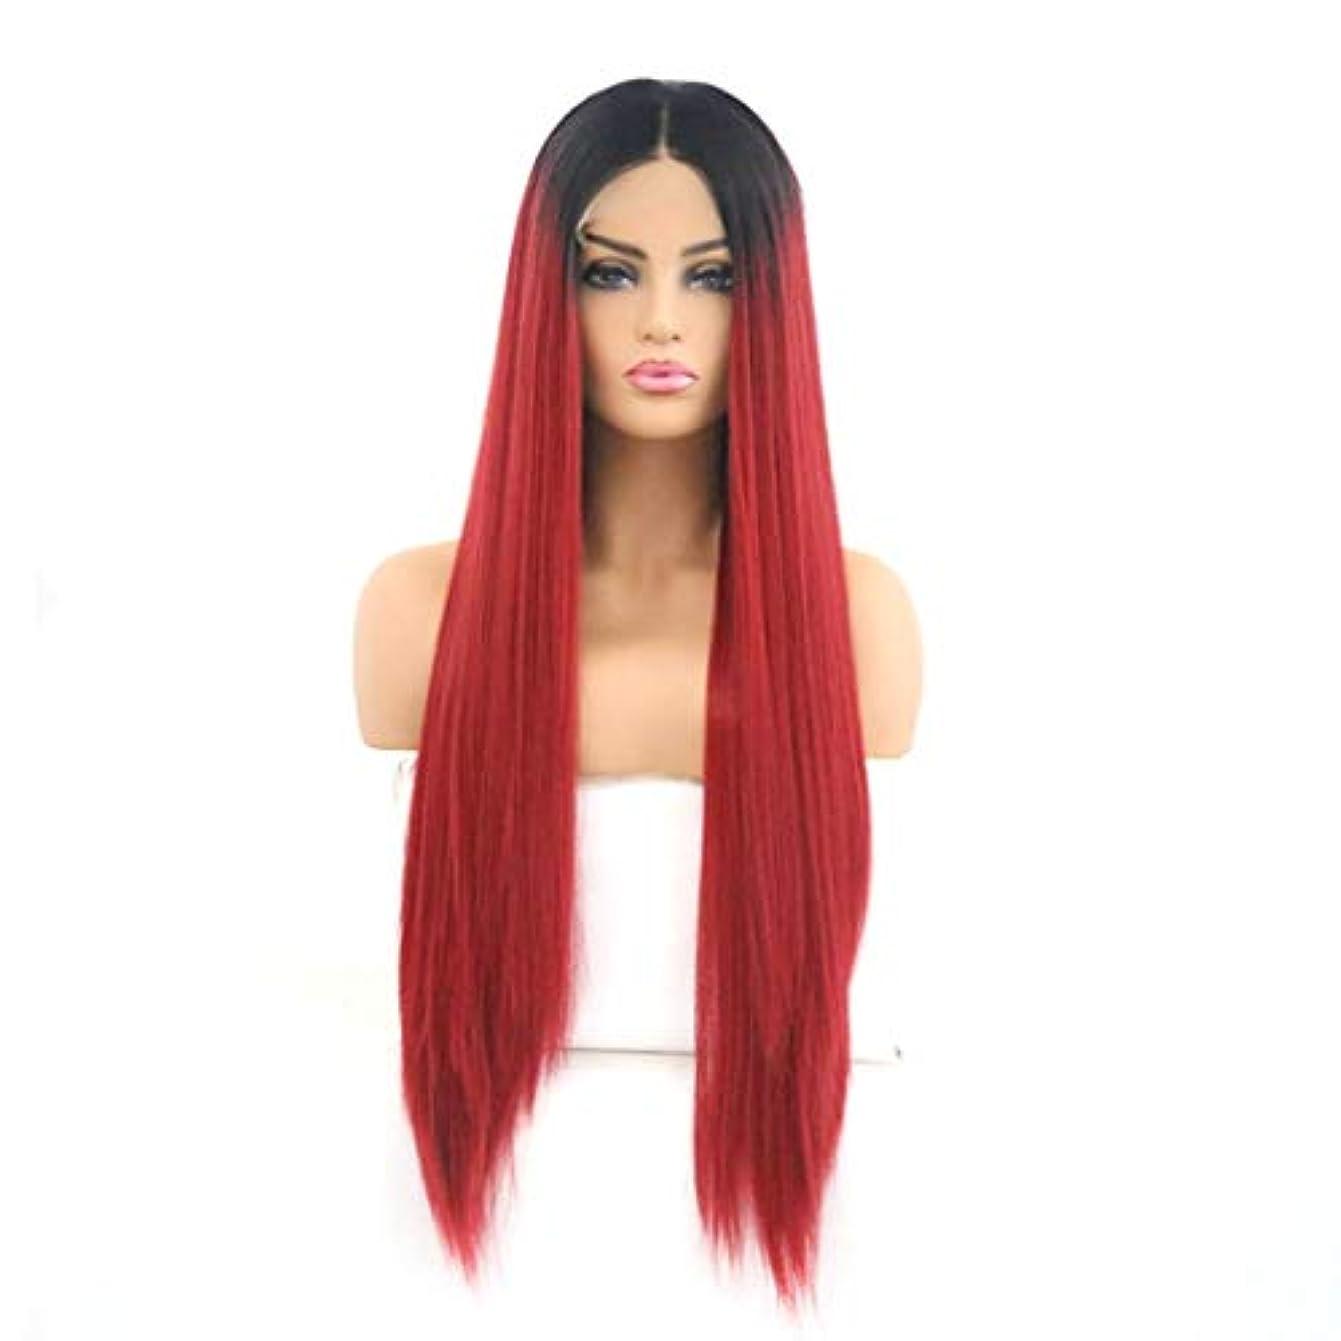 長いです指定する下るKerwinner かつらワインレッドロングストレートウィッグヘア合成耐熱ストレートウィッグ女性用